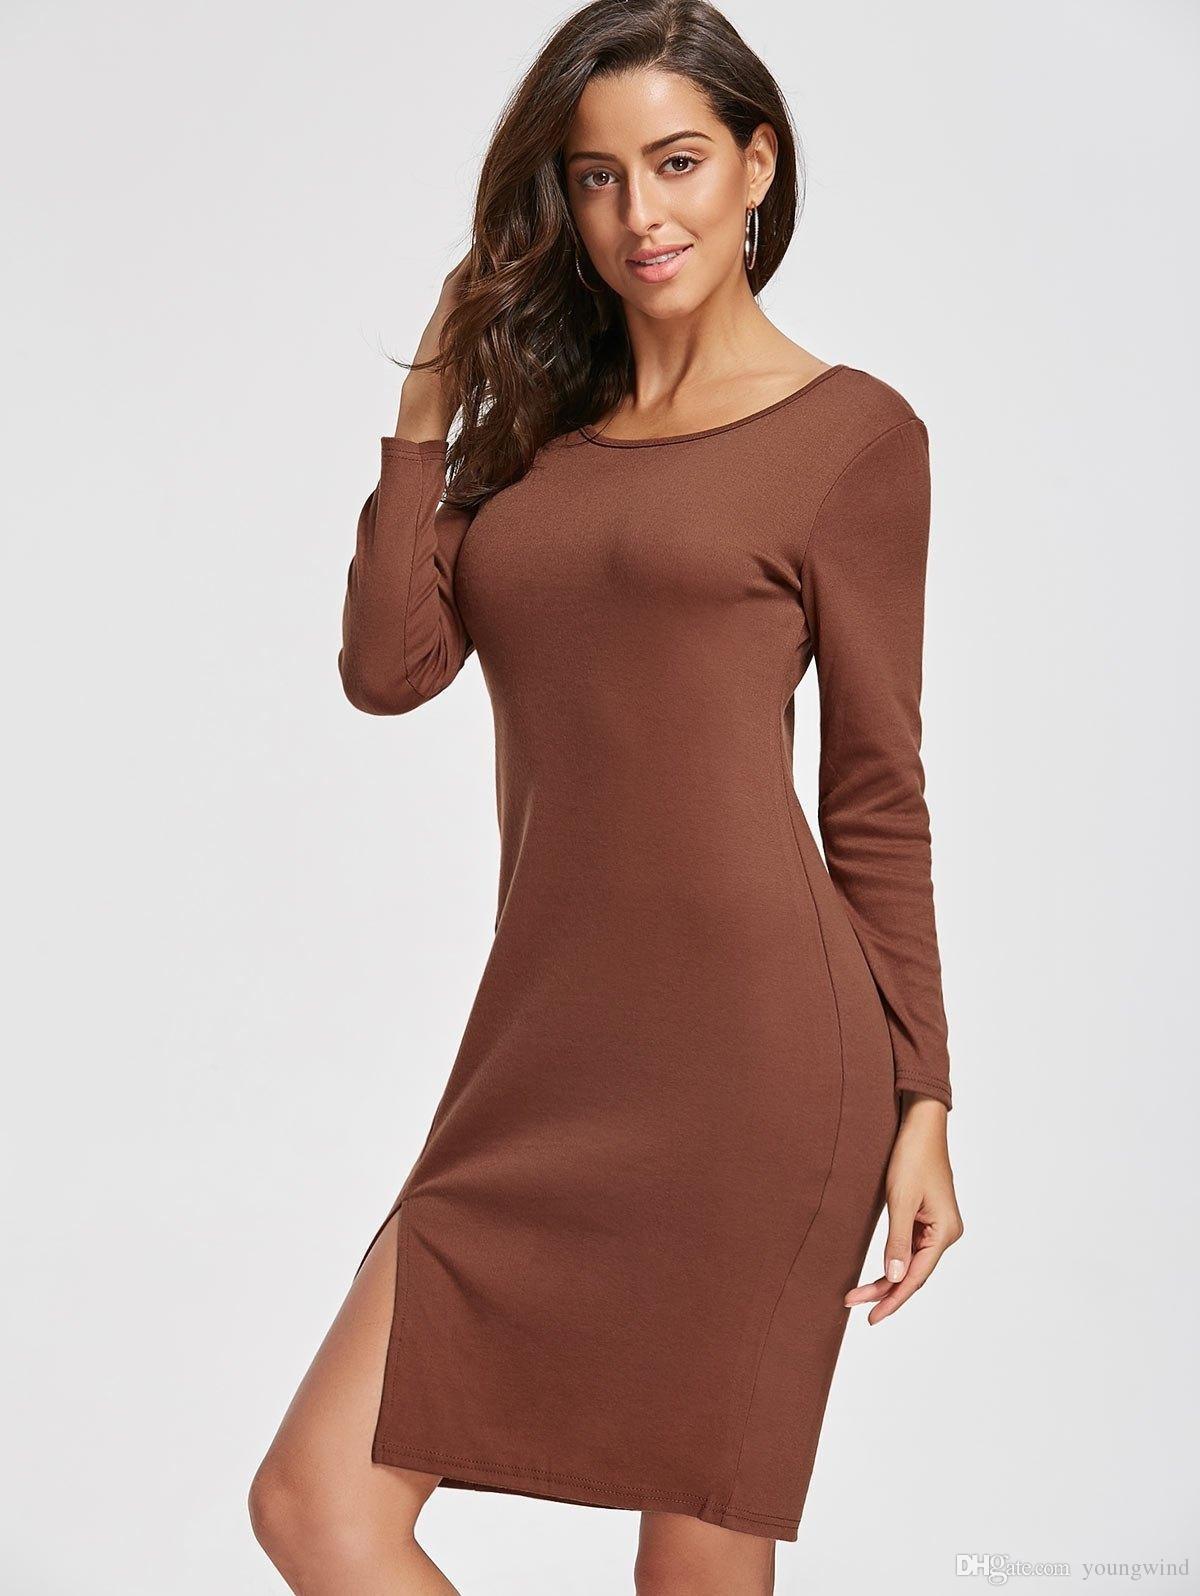 Abend Schön Schöne Kleider Für Frauen für 201913 Luxus Schöne Kleider Für Frauen Vertrieb